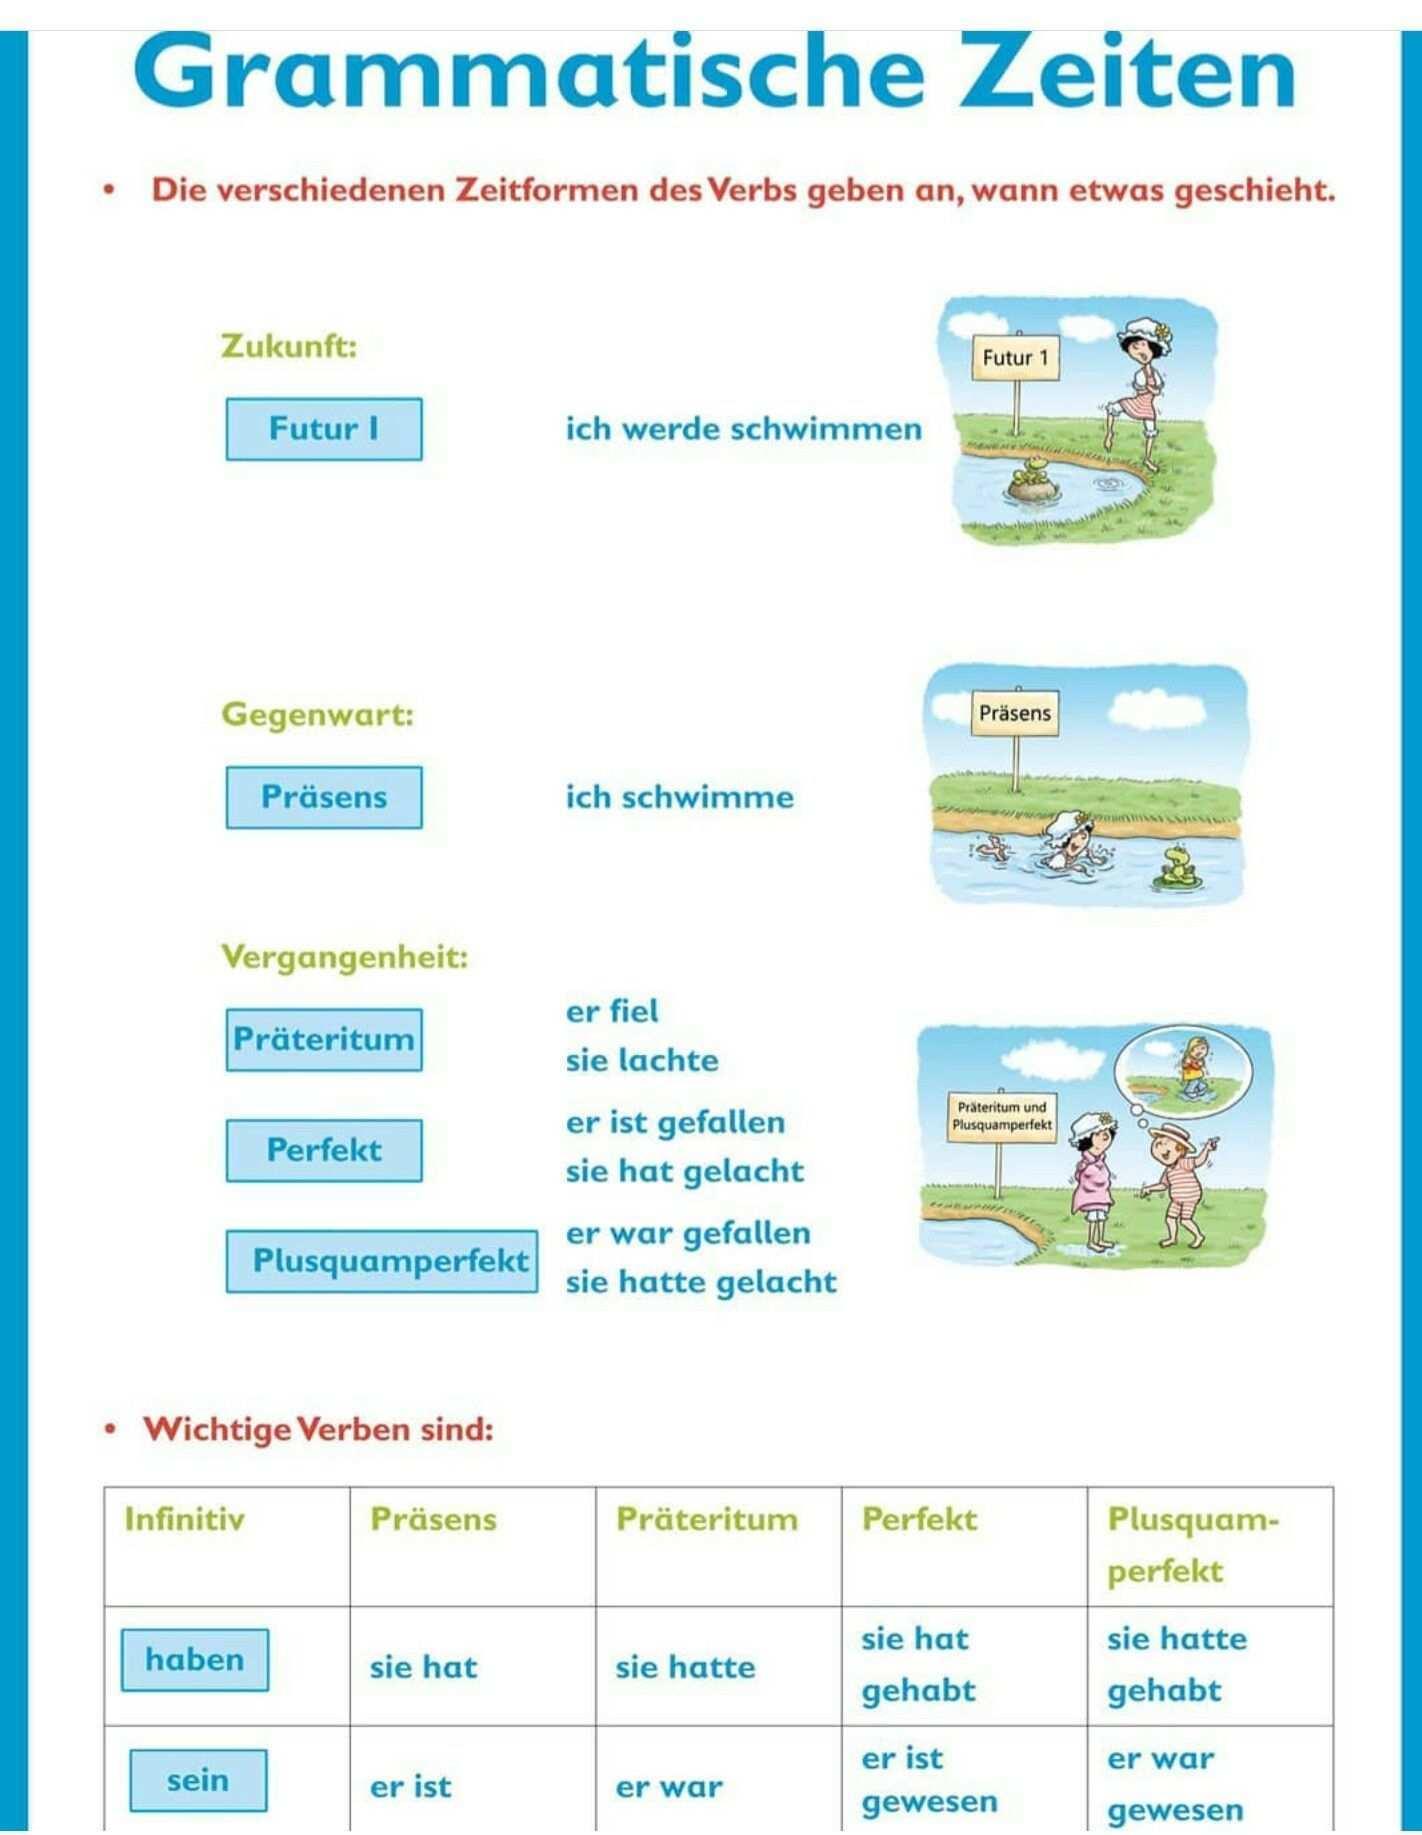 Pin Von Nicole Knabe Auf My Board In 2020 Deutsch Lernen Kinder Schule Deutsch Unterricht